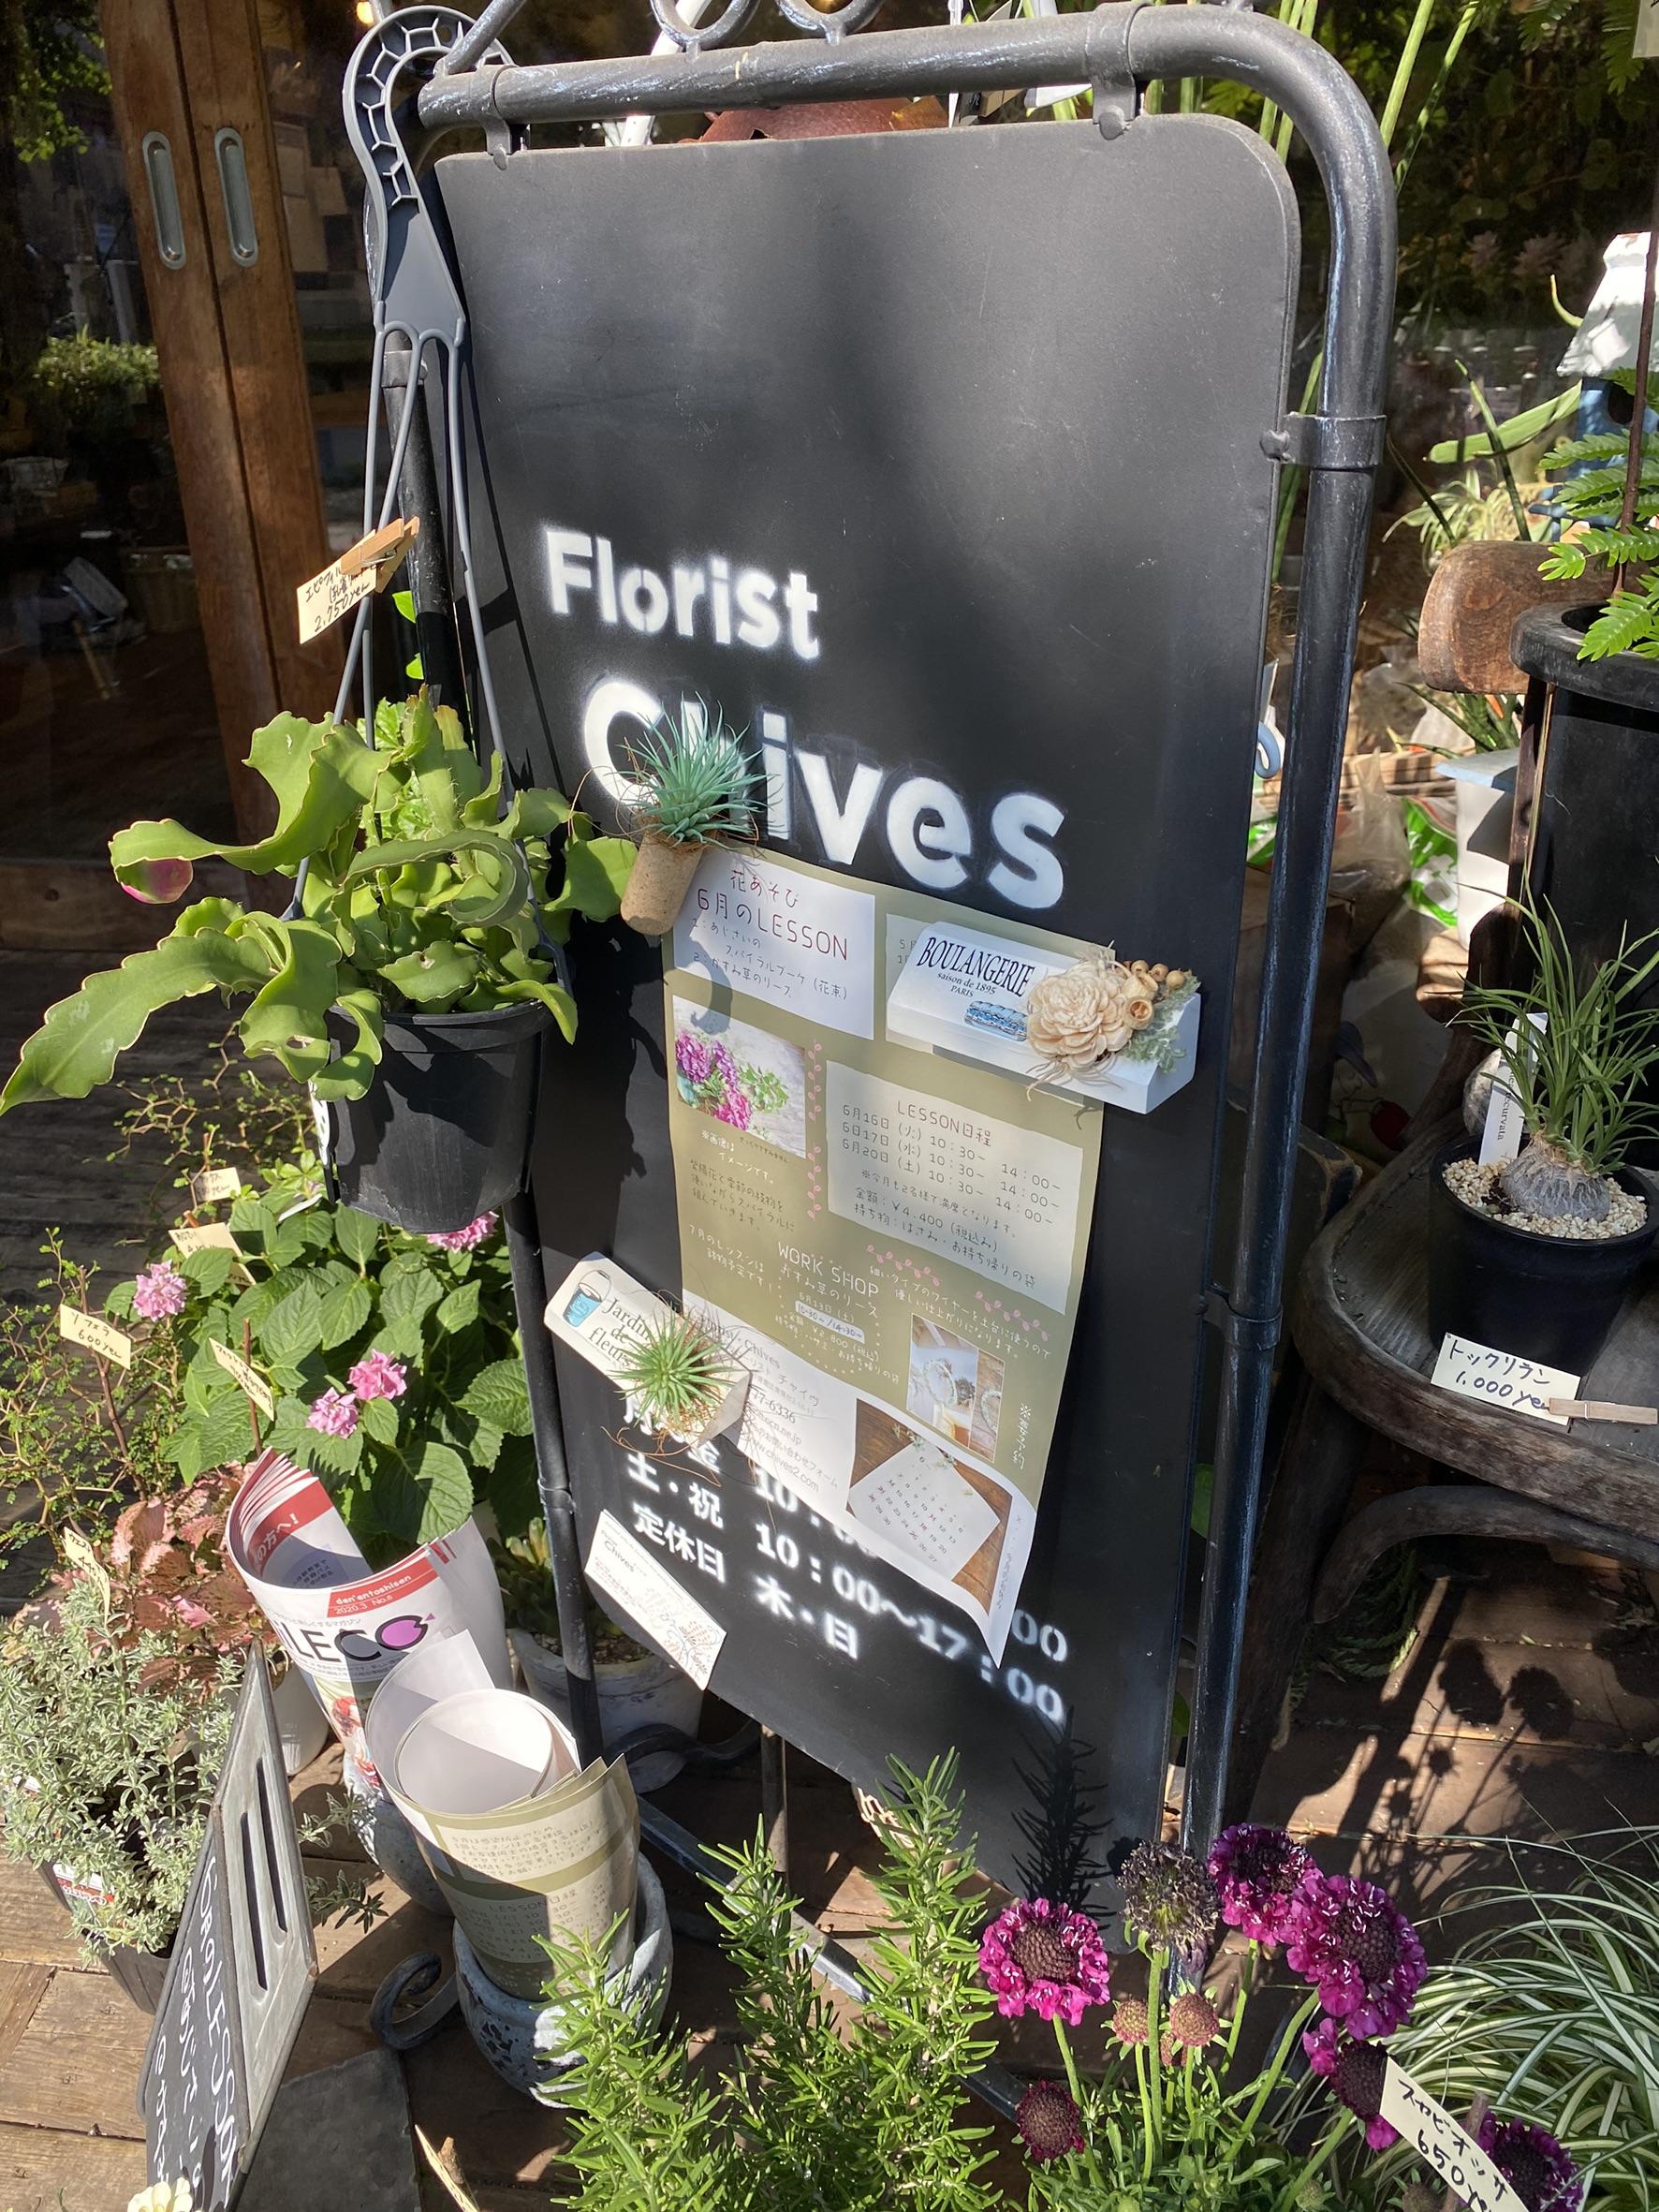 青葉台の植物屋「Frorist Chives」に行ってきた!